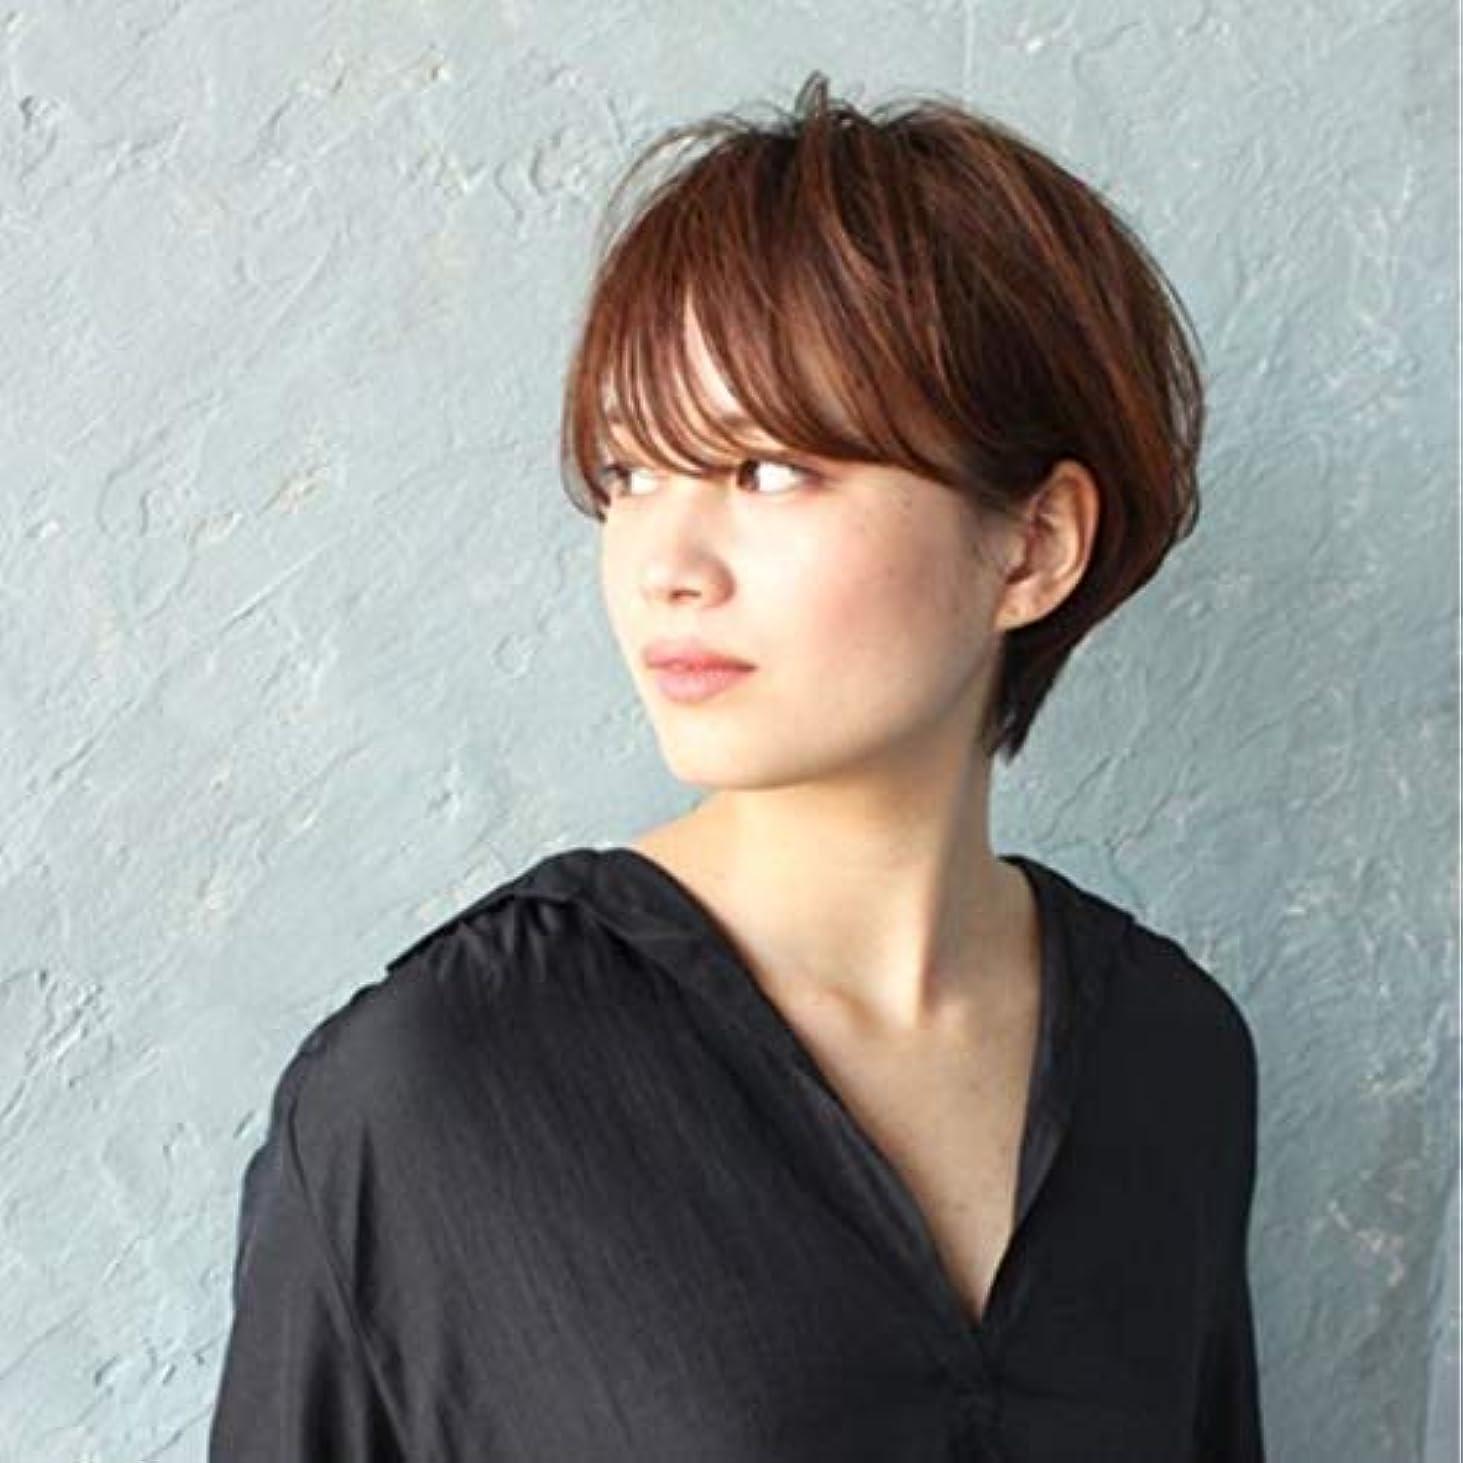 適切な悪化するおとうさんKerwinner ウィッグショートヘア斜め前髪ウィッグヘッドギア自然に見える耐熱性女性用 (Color : Light brown)